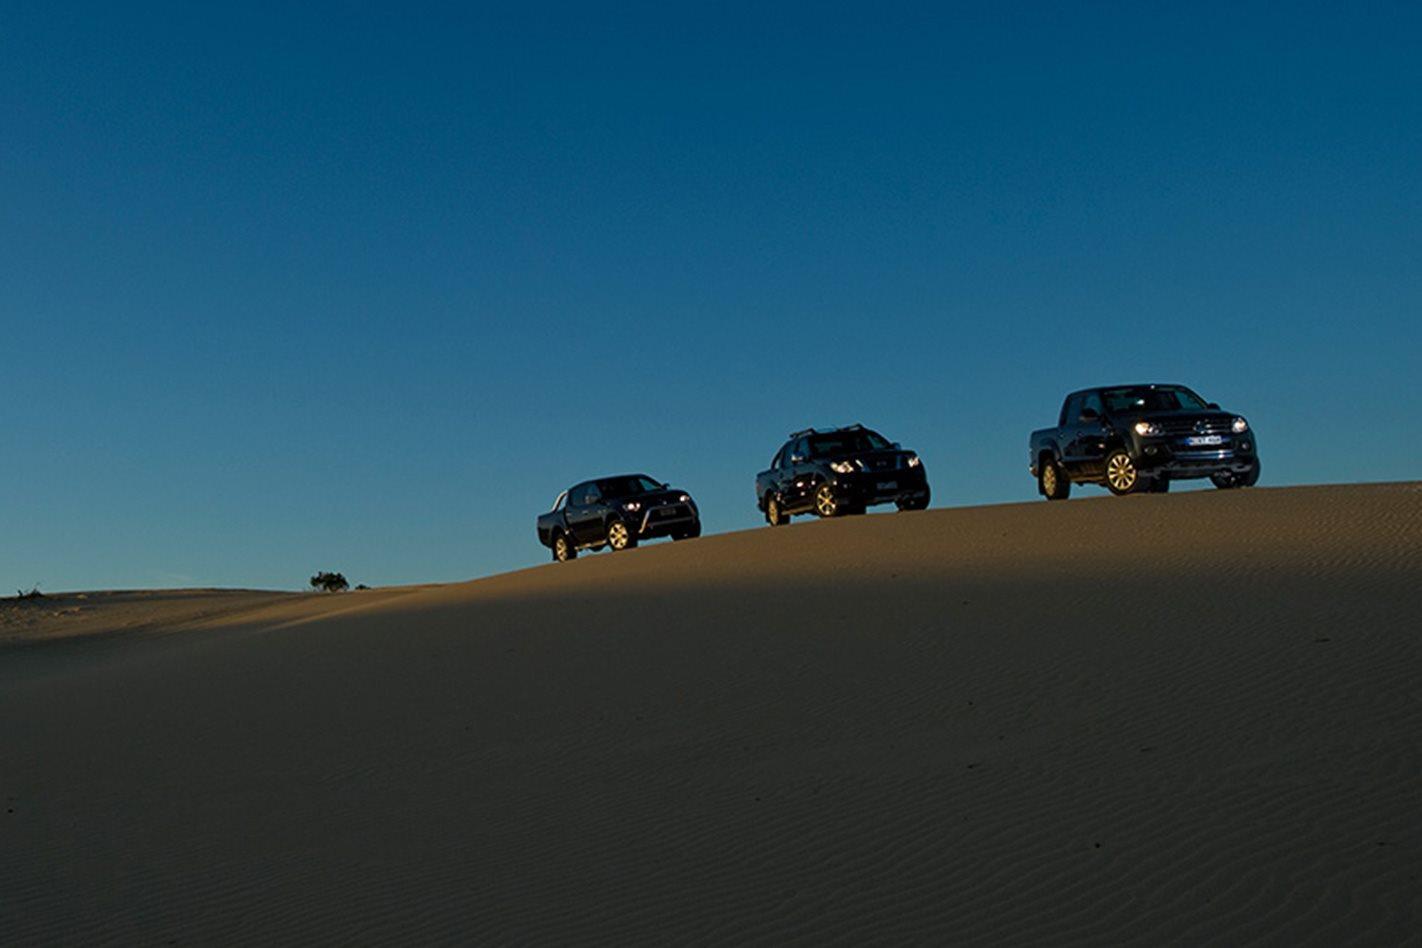 2011-Volkswagen-Amarok-vs-2011-Mitsubishi-Triton-vs-2011-Nissan-Navara-sand-driving.jpg